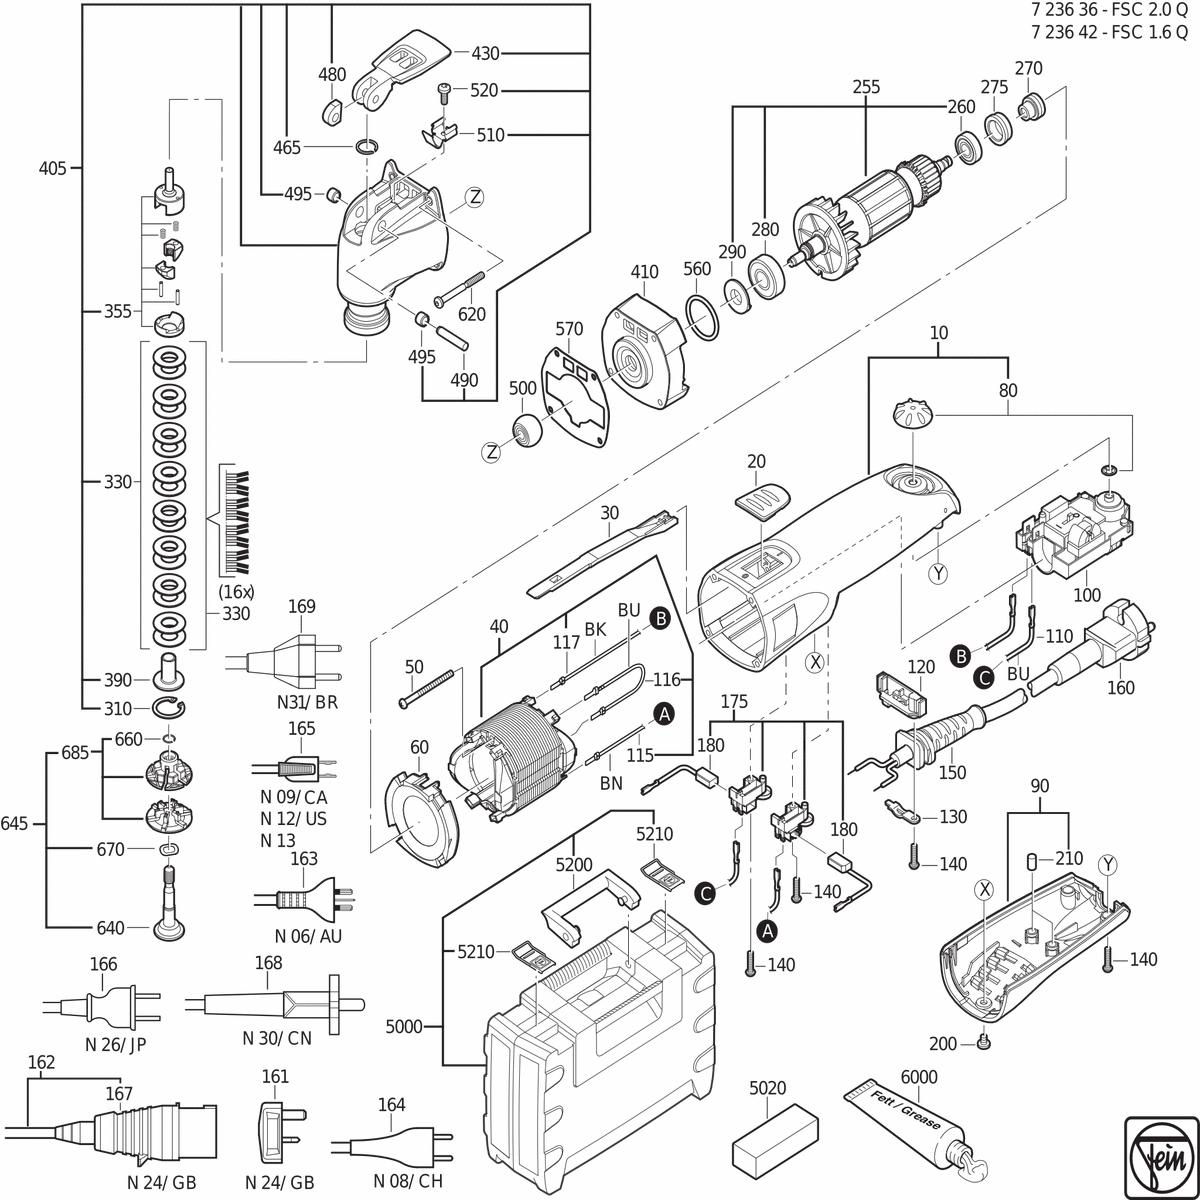 Auslassdichtung Auspuffdichtung Original Ersatzteil Solo Motorsäge 645